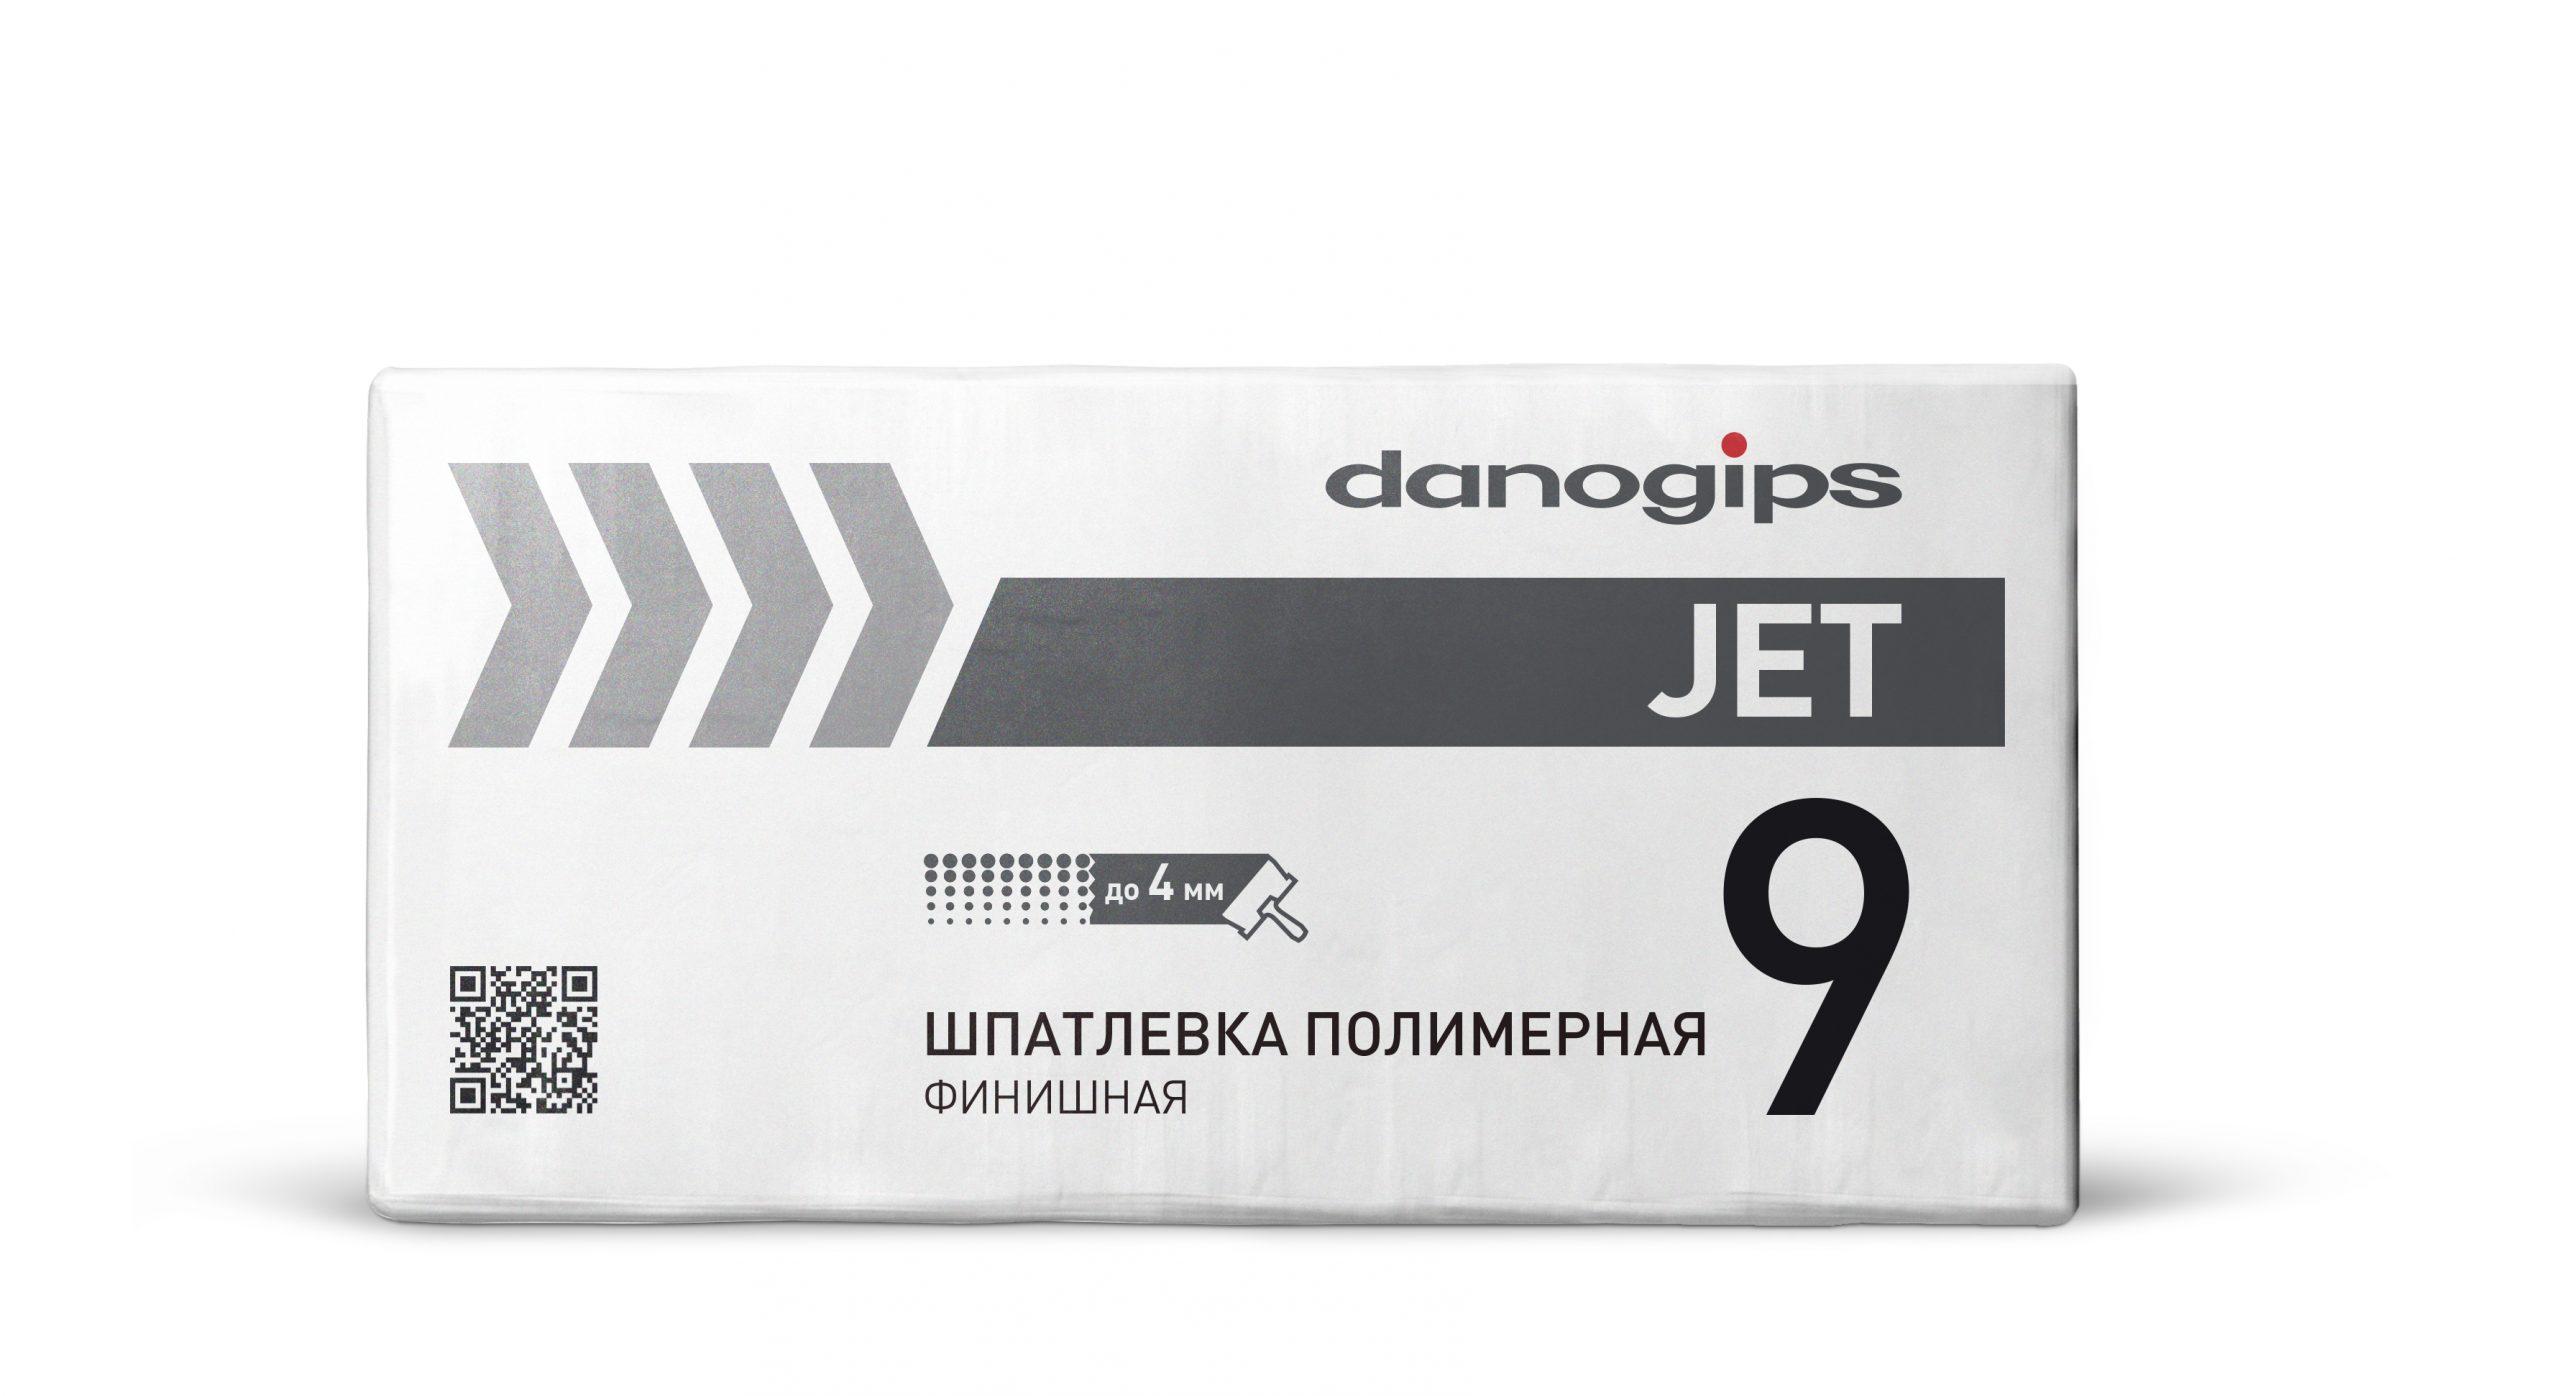 Шпатлевка полимерная выравнивающая DANO JET9 20 кг доставка Уральск